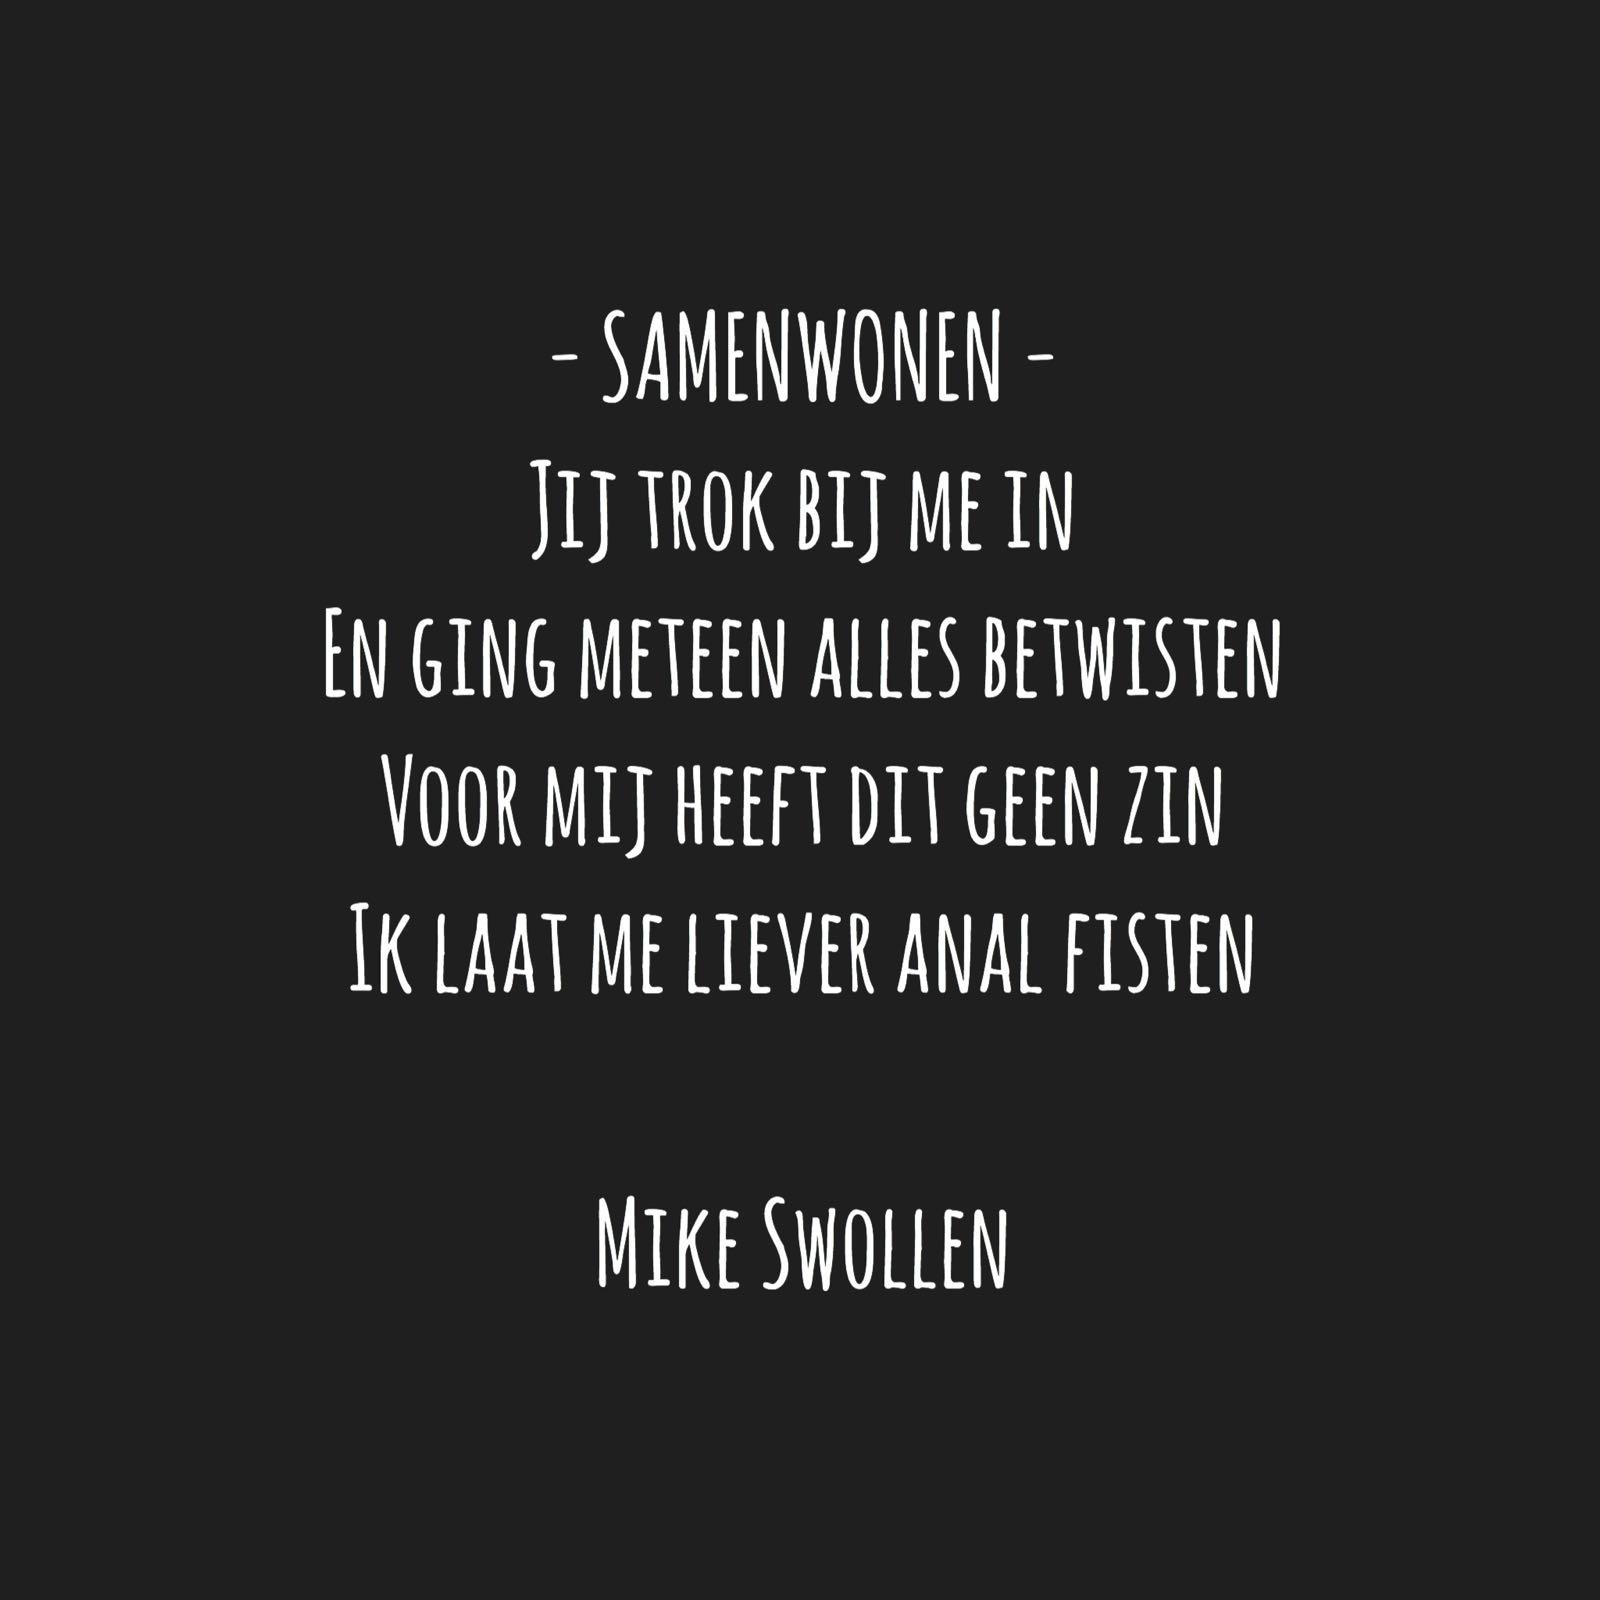 Swollinski gedicht Samenwonen